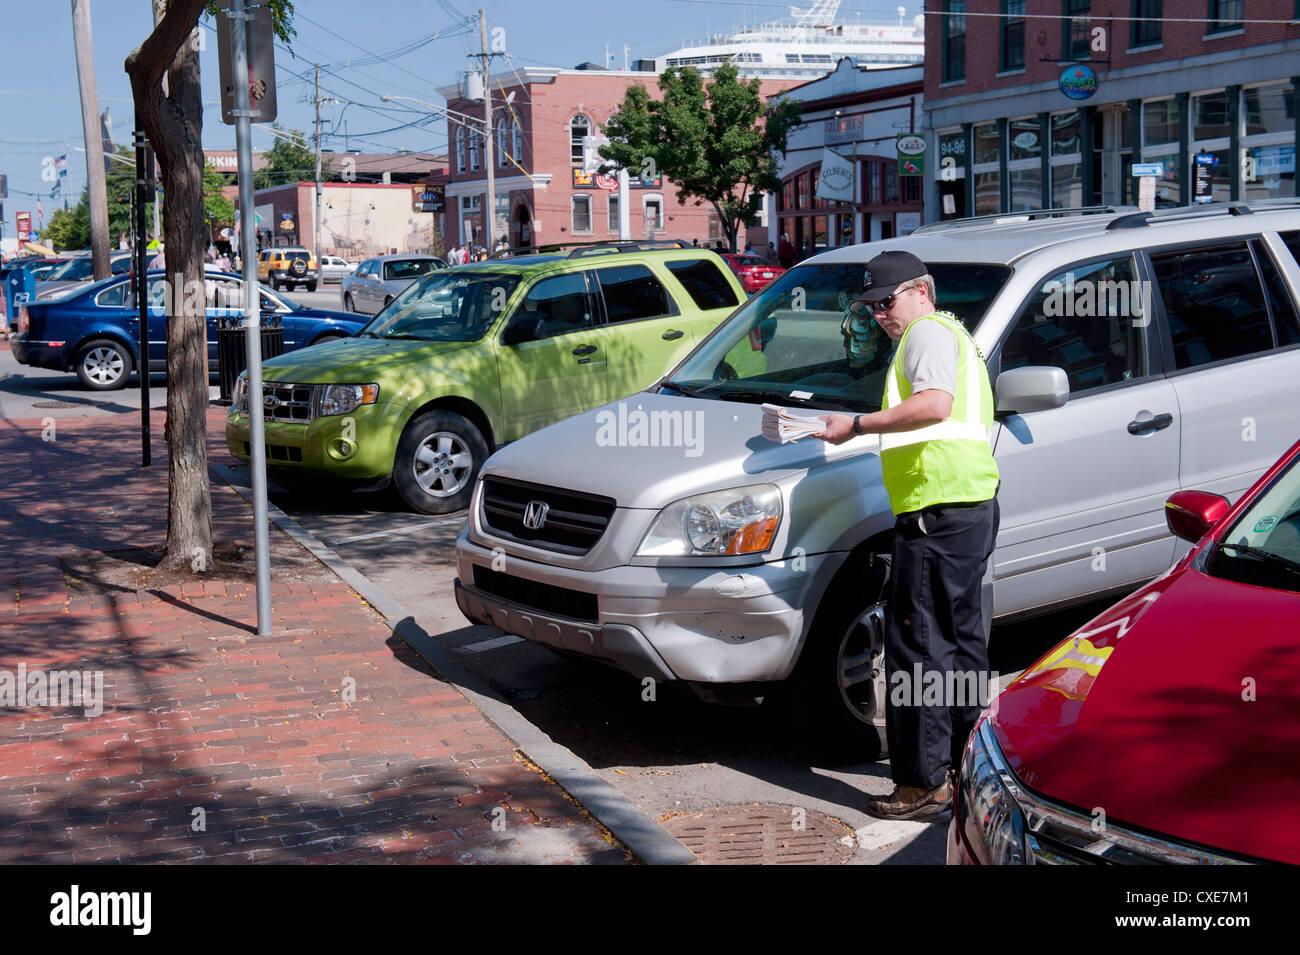 Traffic warden emite un ticket de aparcamiento en el centro de Portland, Maine, Estados Unidos. Foto de stock